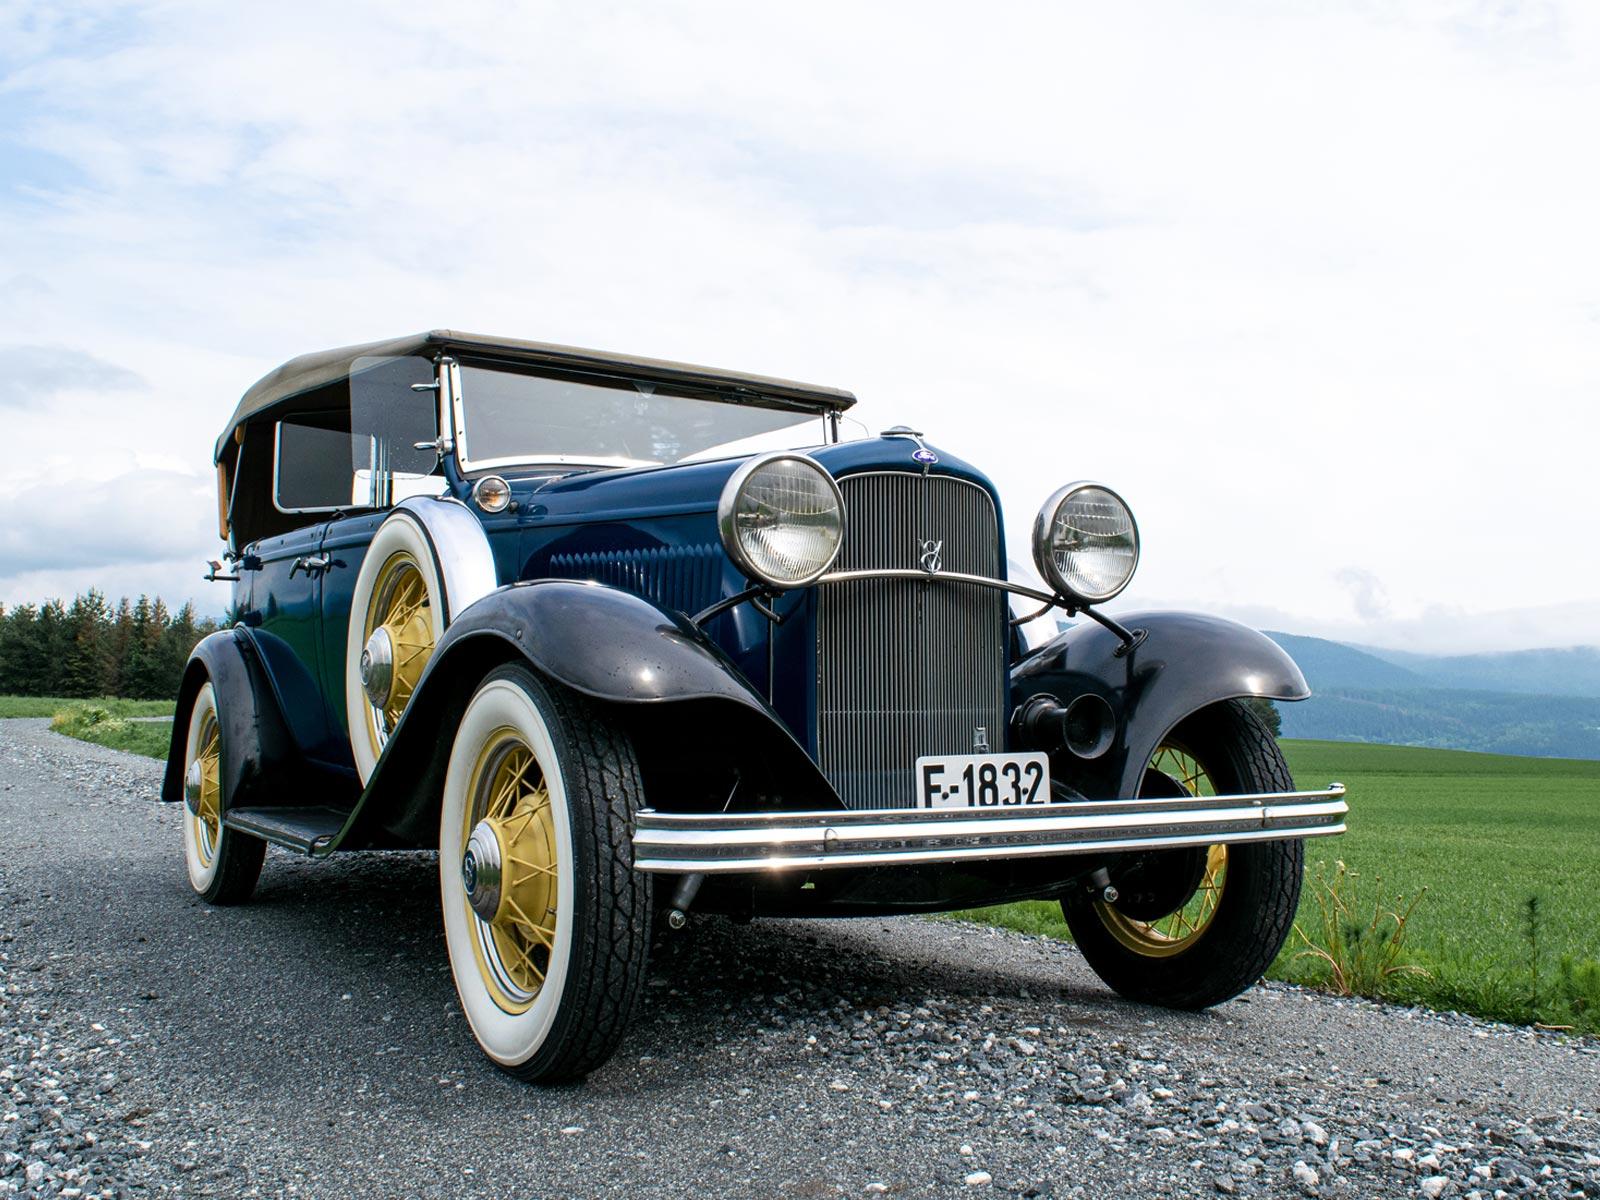 Ford B V8 Phaeton 1932 modell.